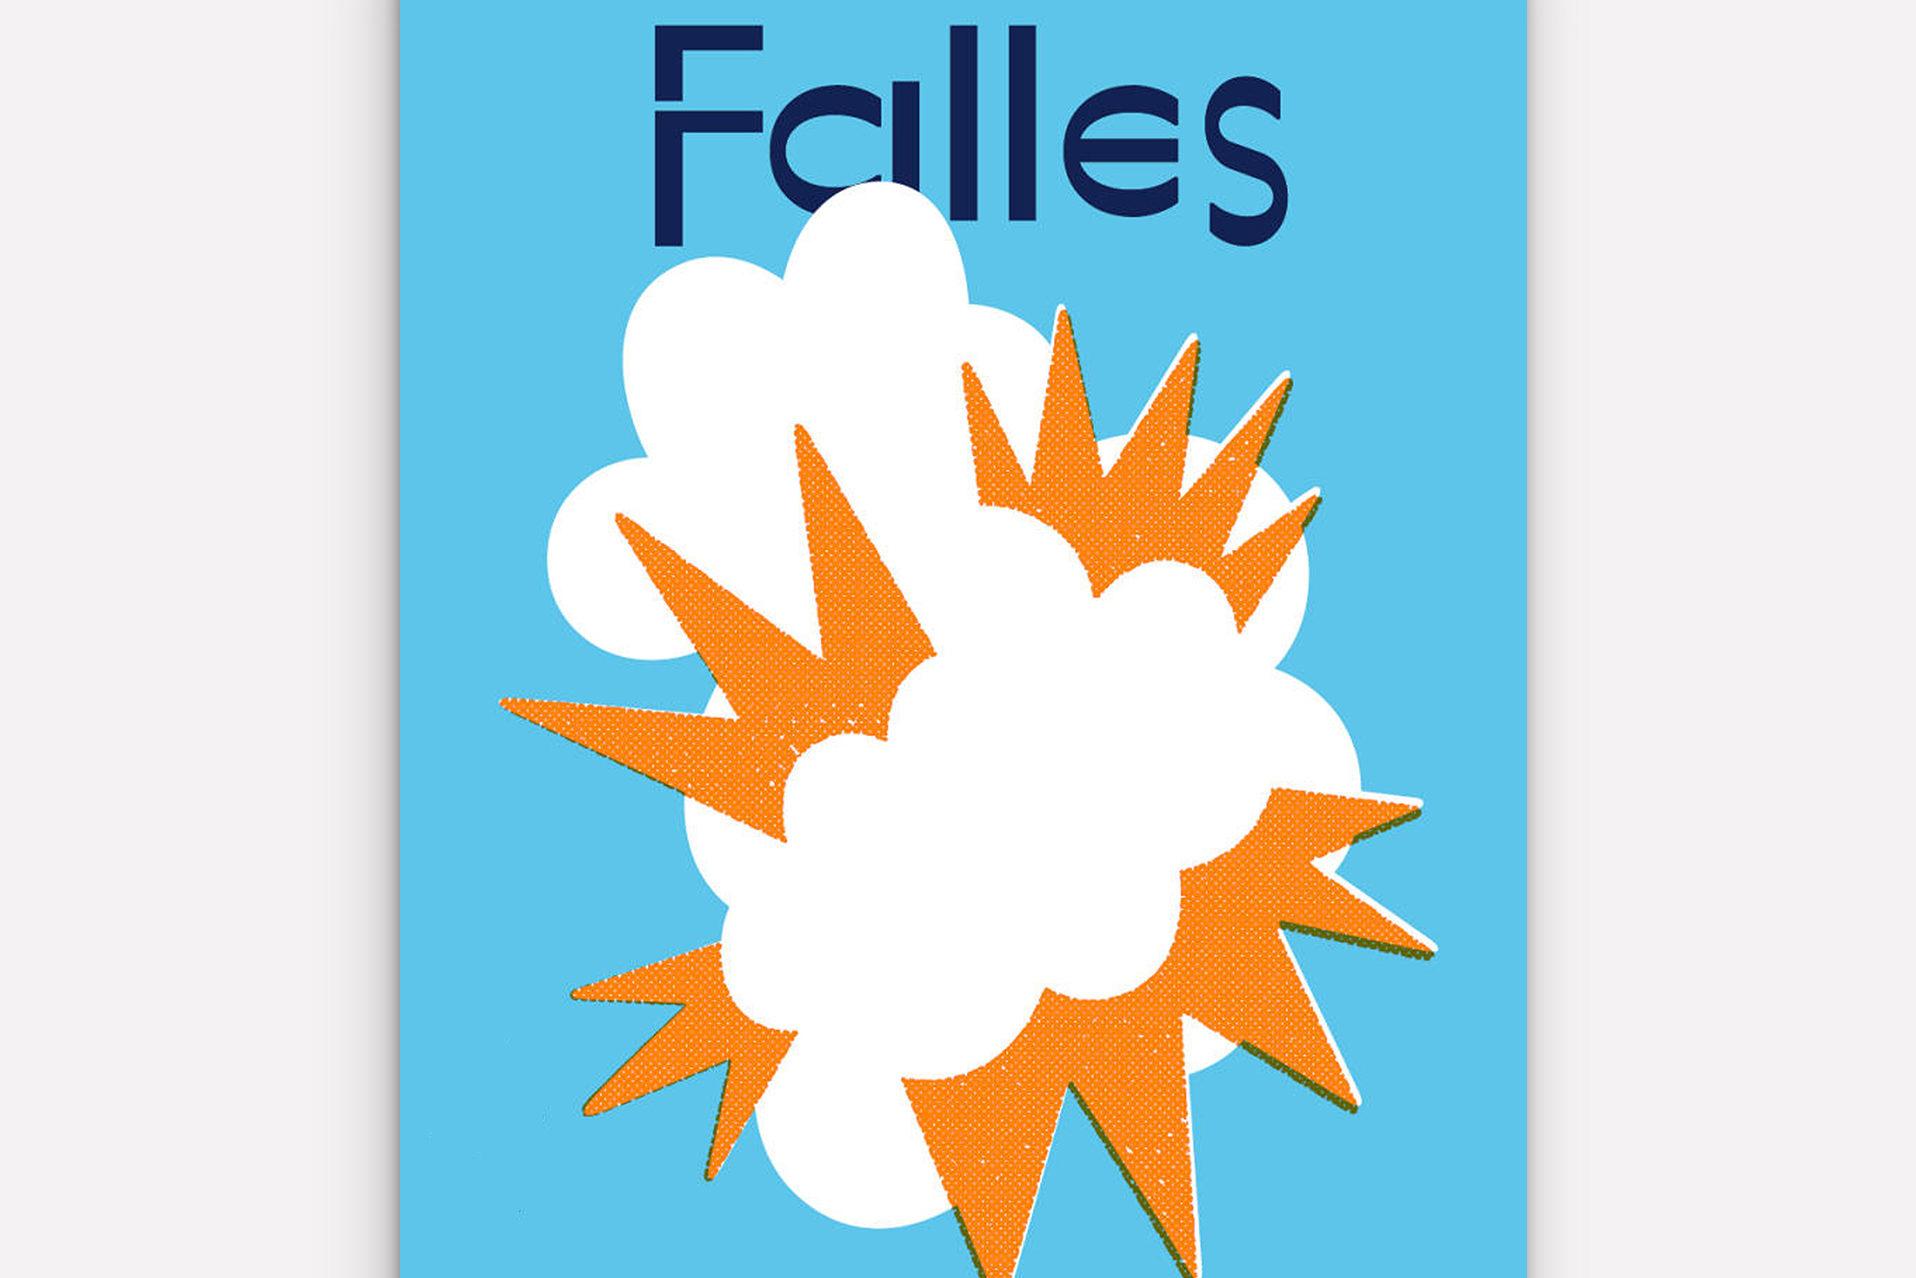 La evolución de los carteles de Fallas